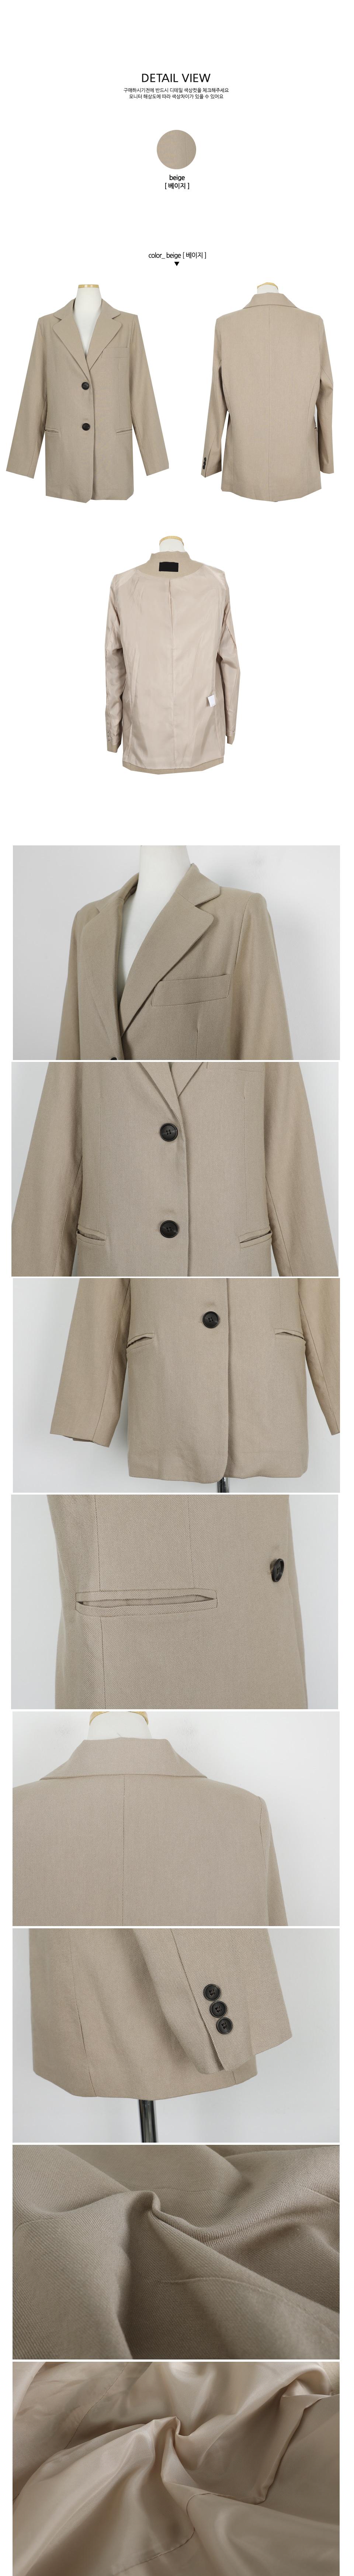 LoPole Beige Jacket